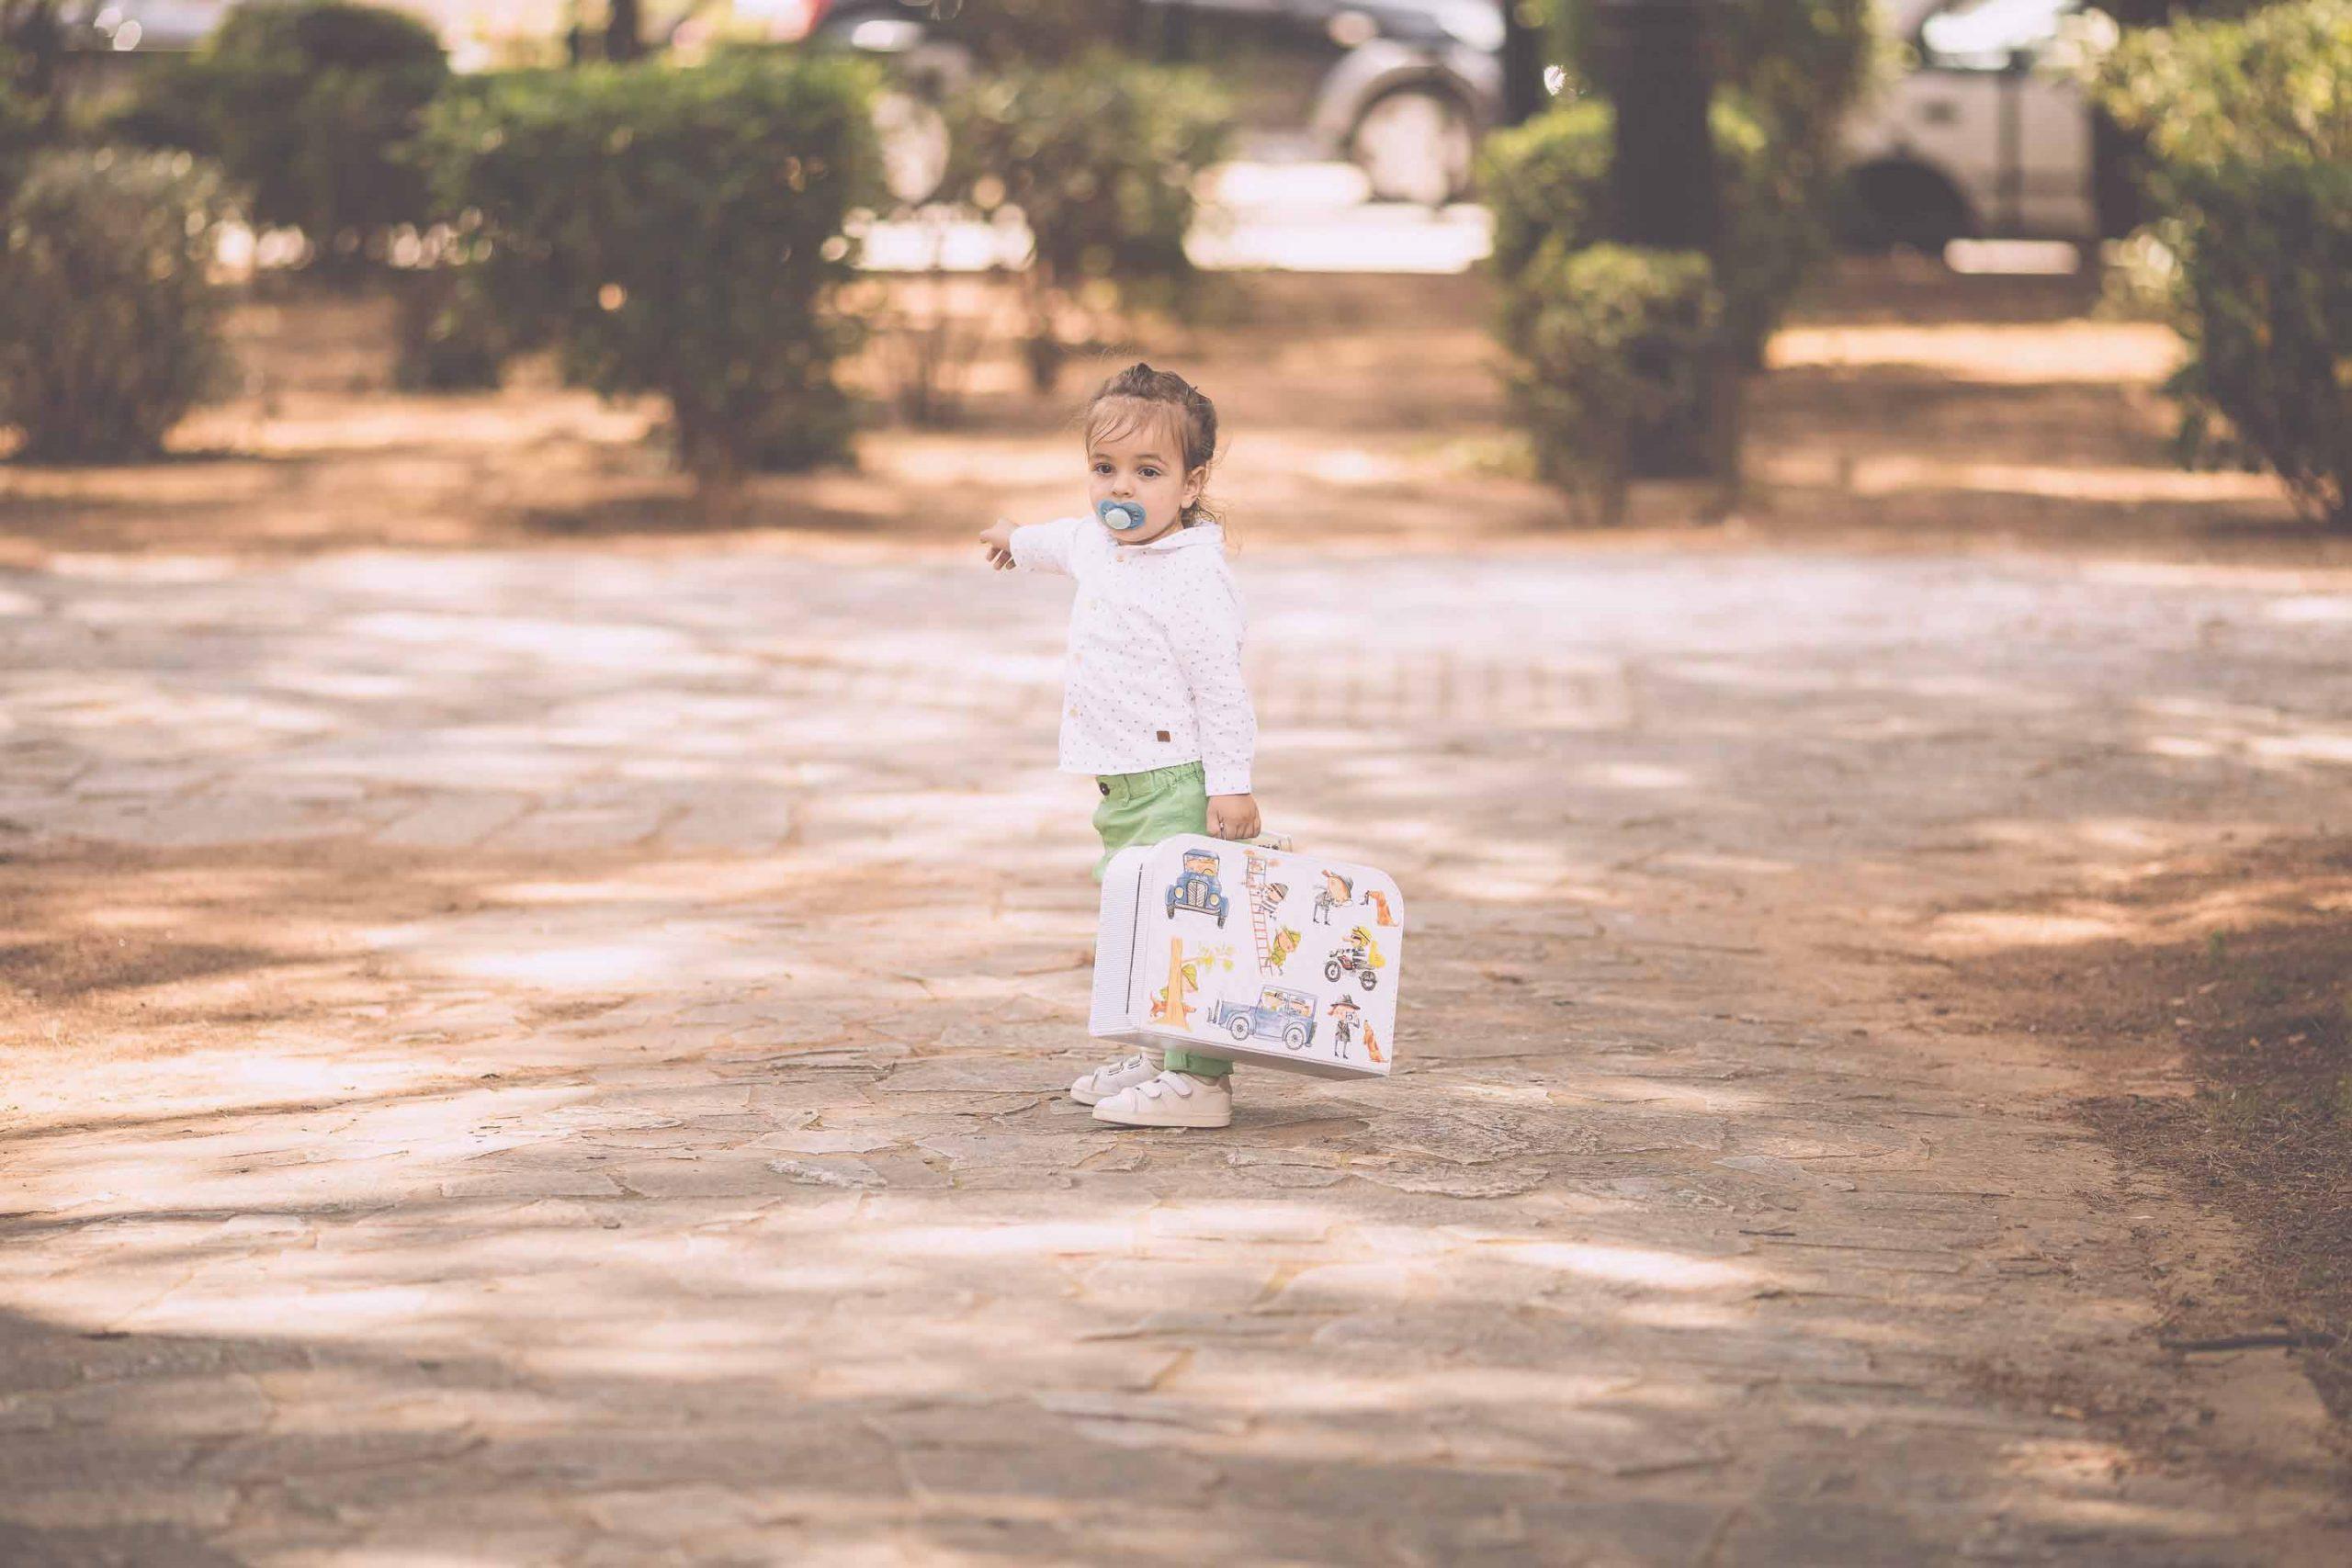 044 PhotoVaptisisvaptisi agia triada kifisia vaptisi kifisia fotografos vaptisis vaptistika moro agoraki vaptisi morou fotografos vaptisis kifisia